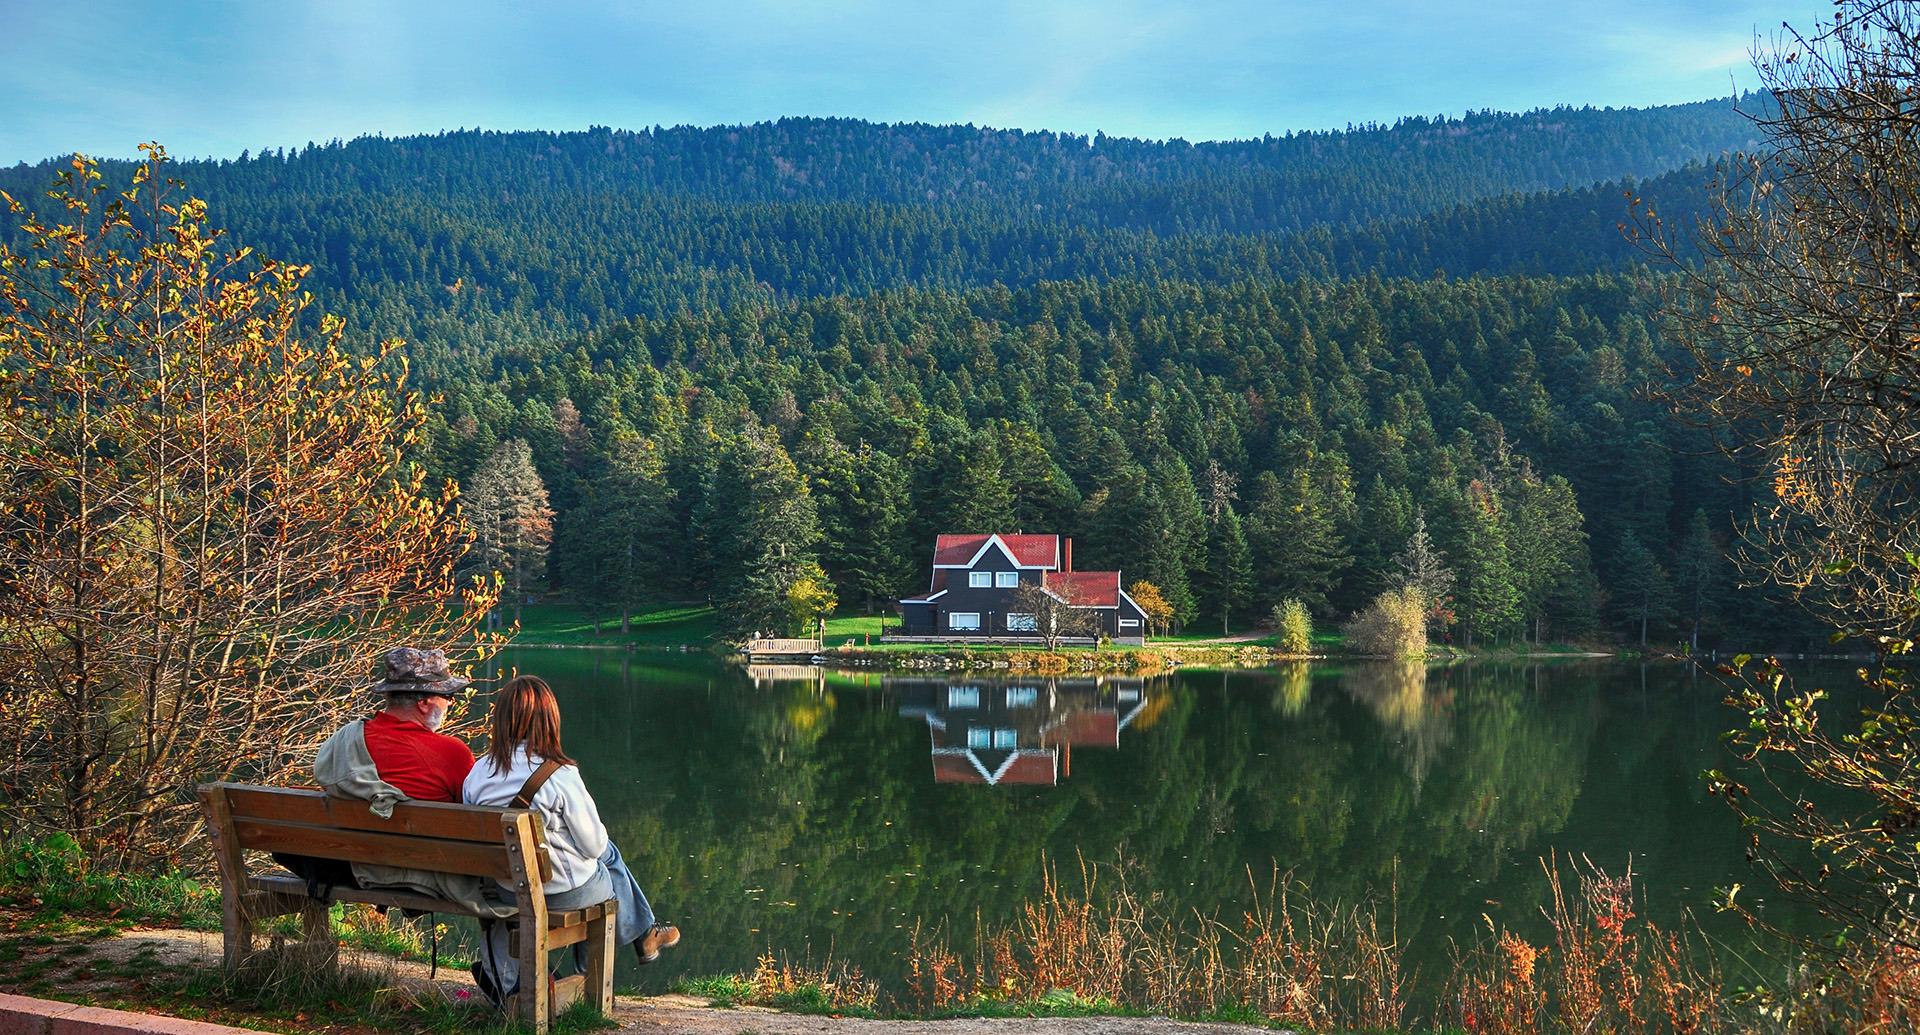 Sonbahar Tatili için En İdeal Bölgeler